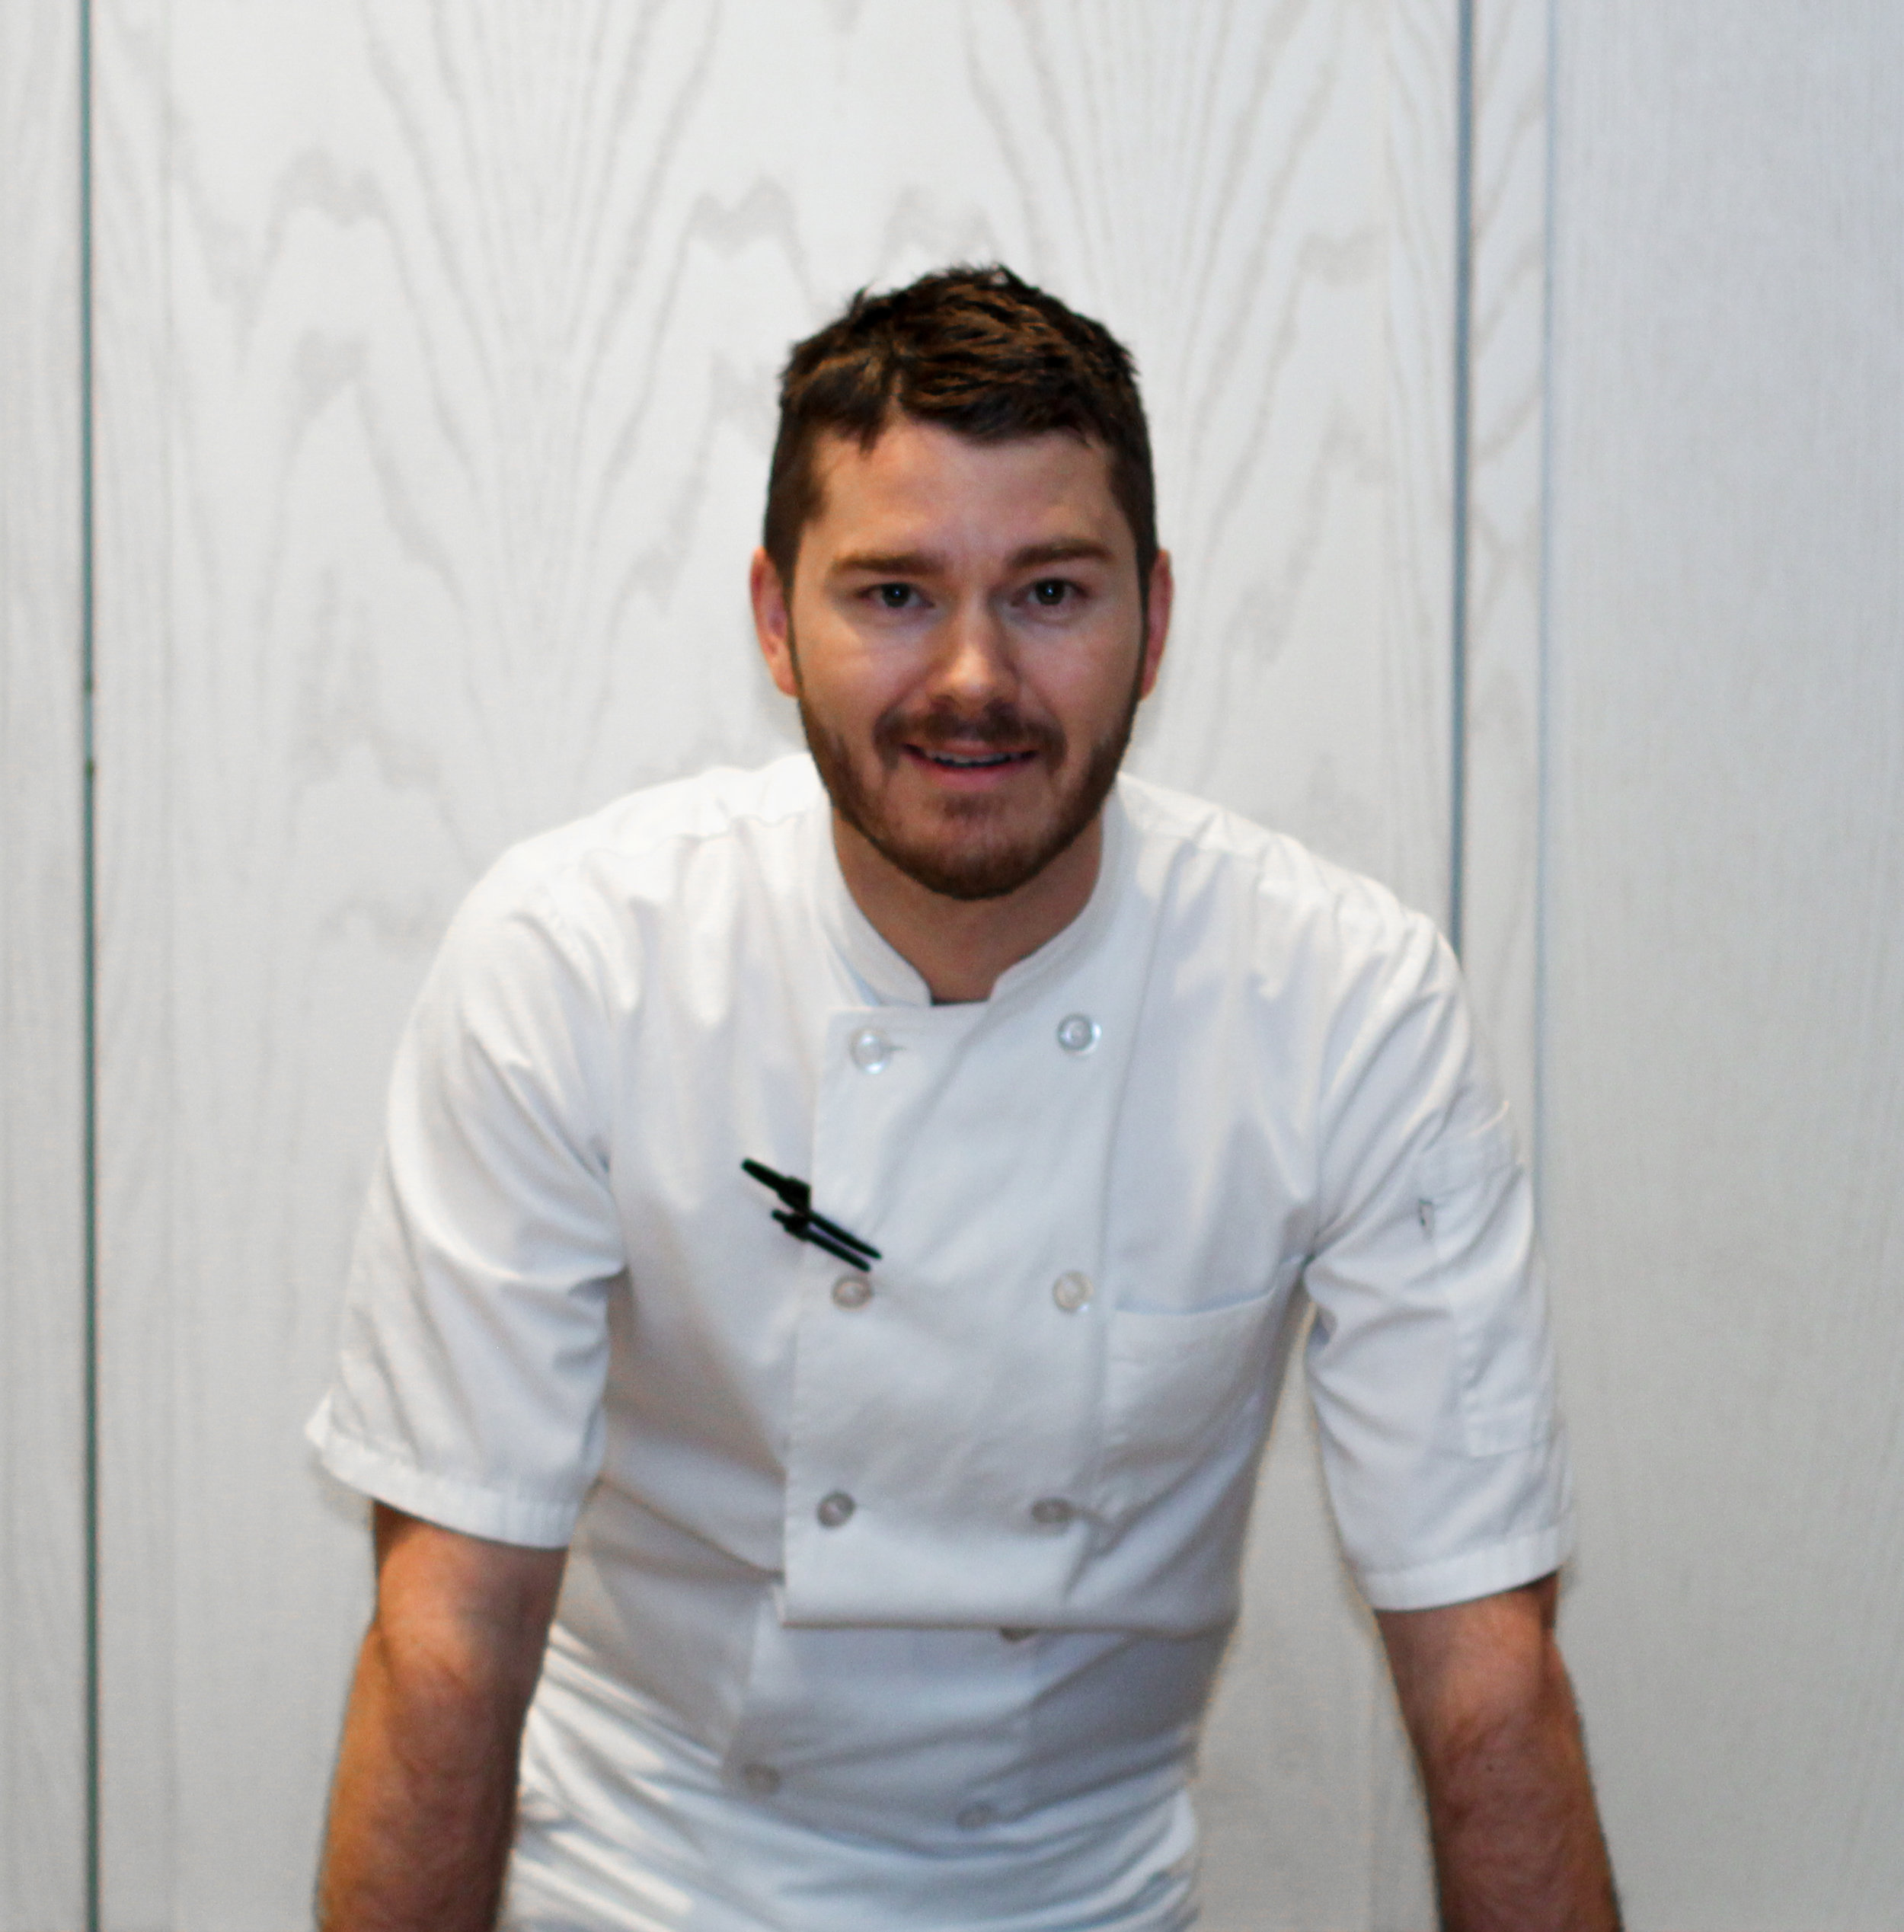 Chef Chris Szyjka